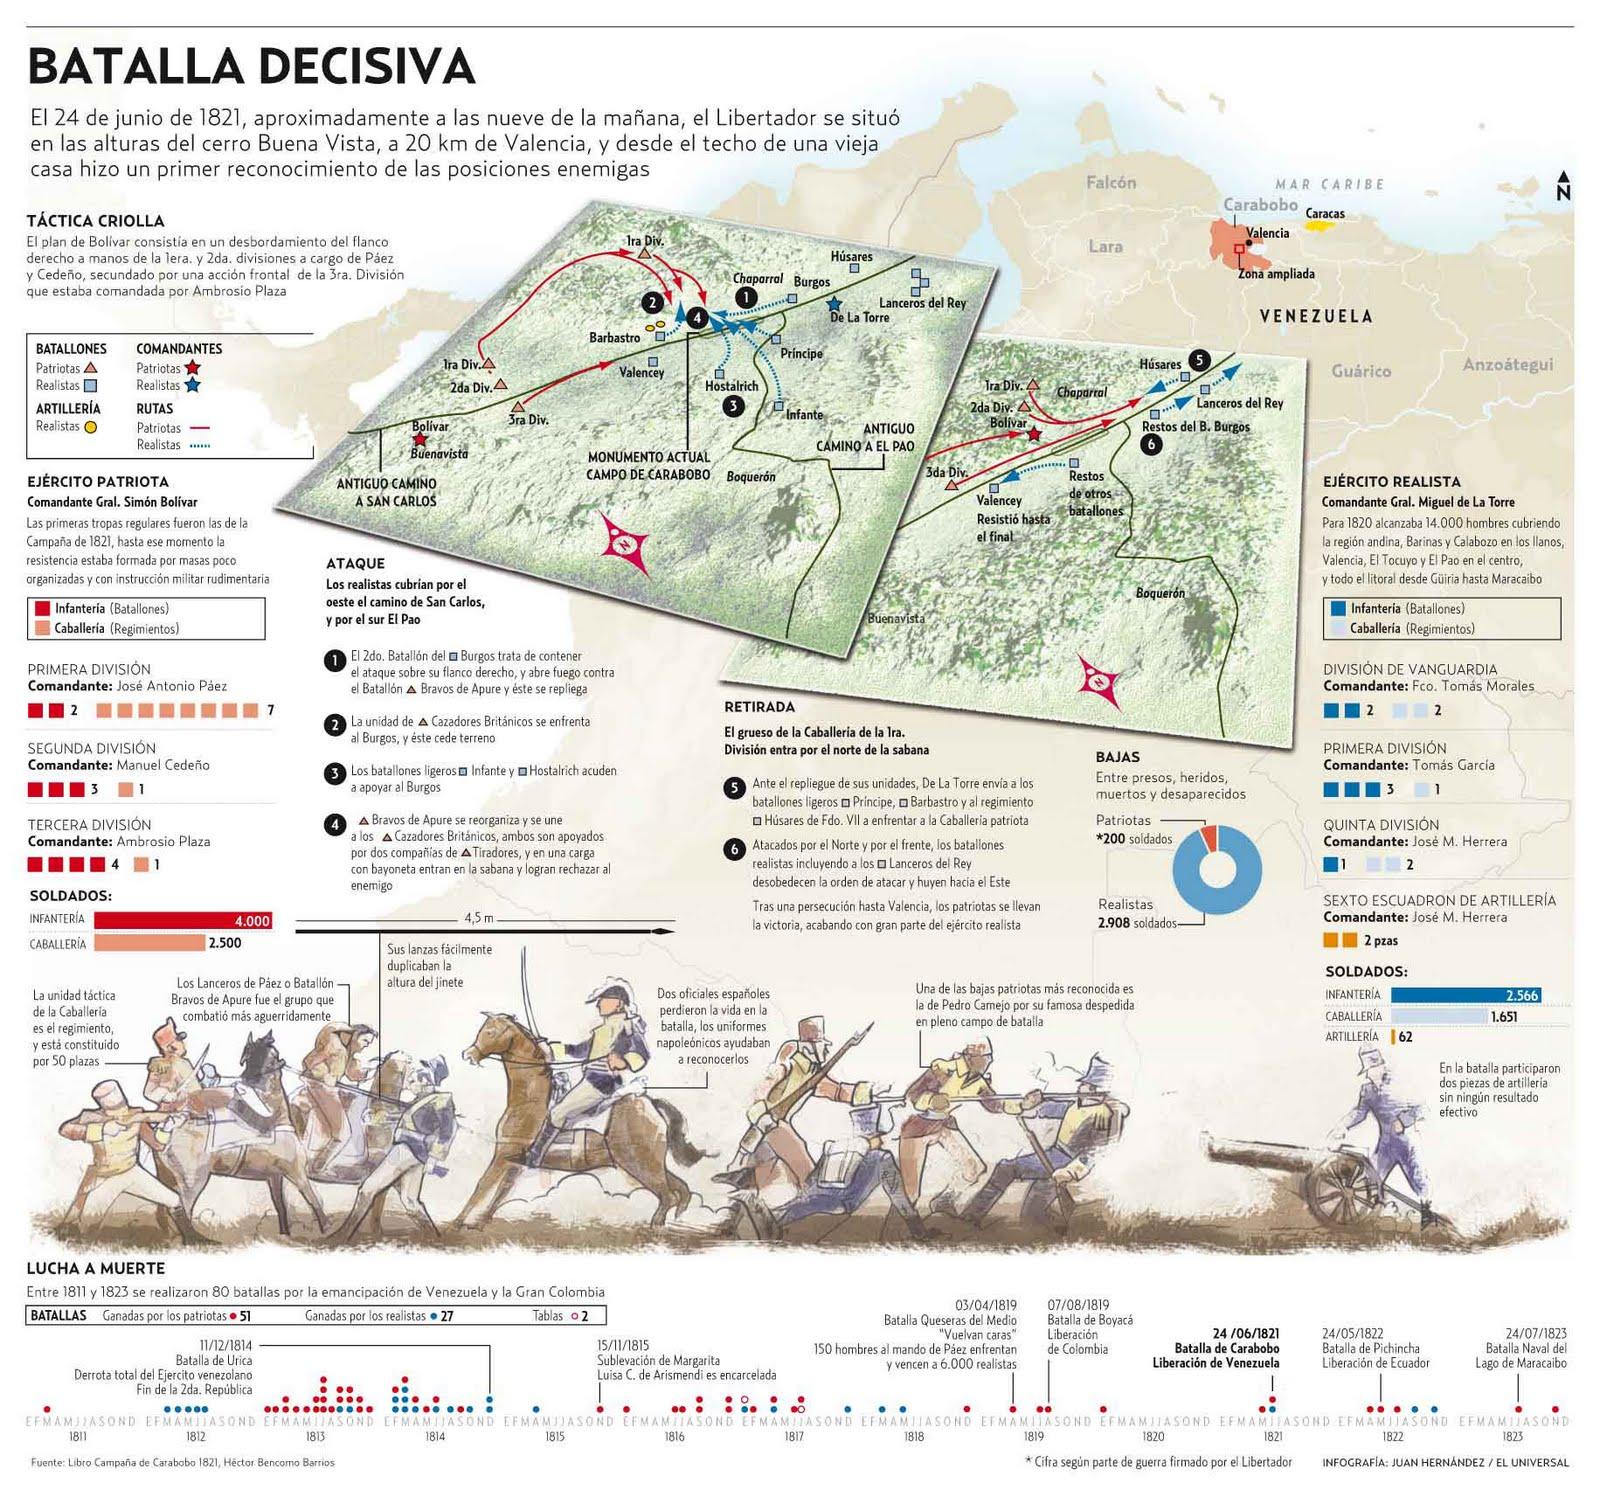 Ideas y Acción: 24 de Junio, Dia de la Batalla de Carabobo y Día del